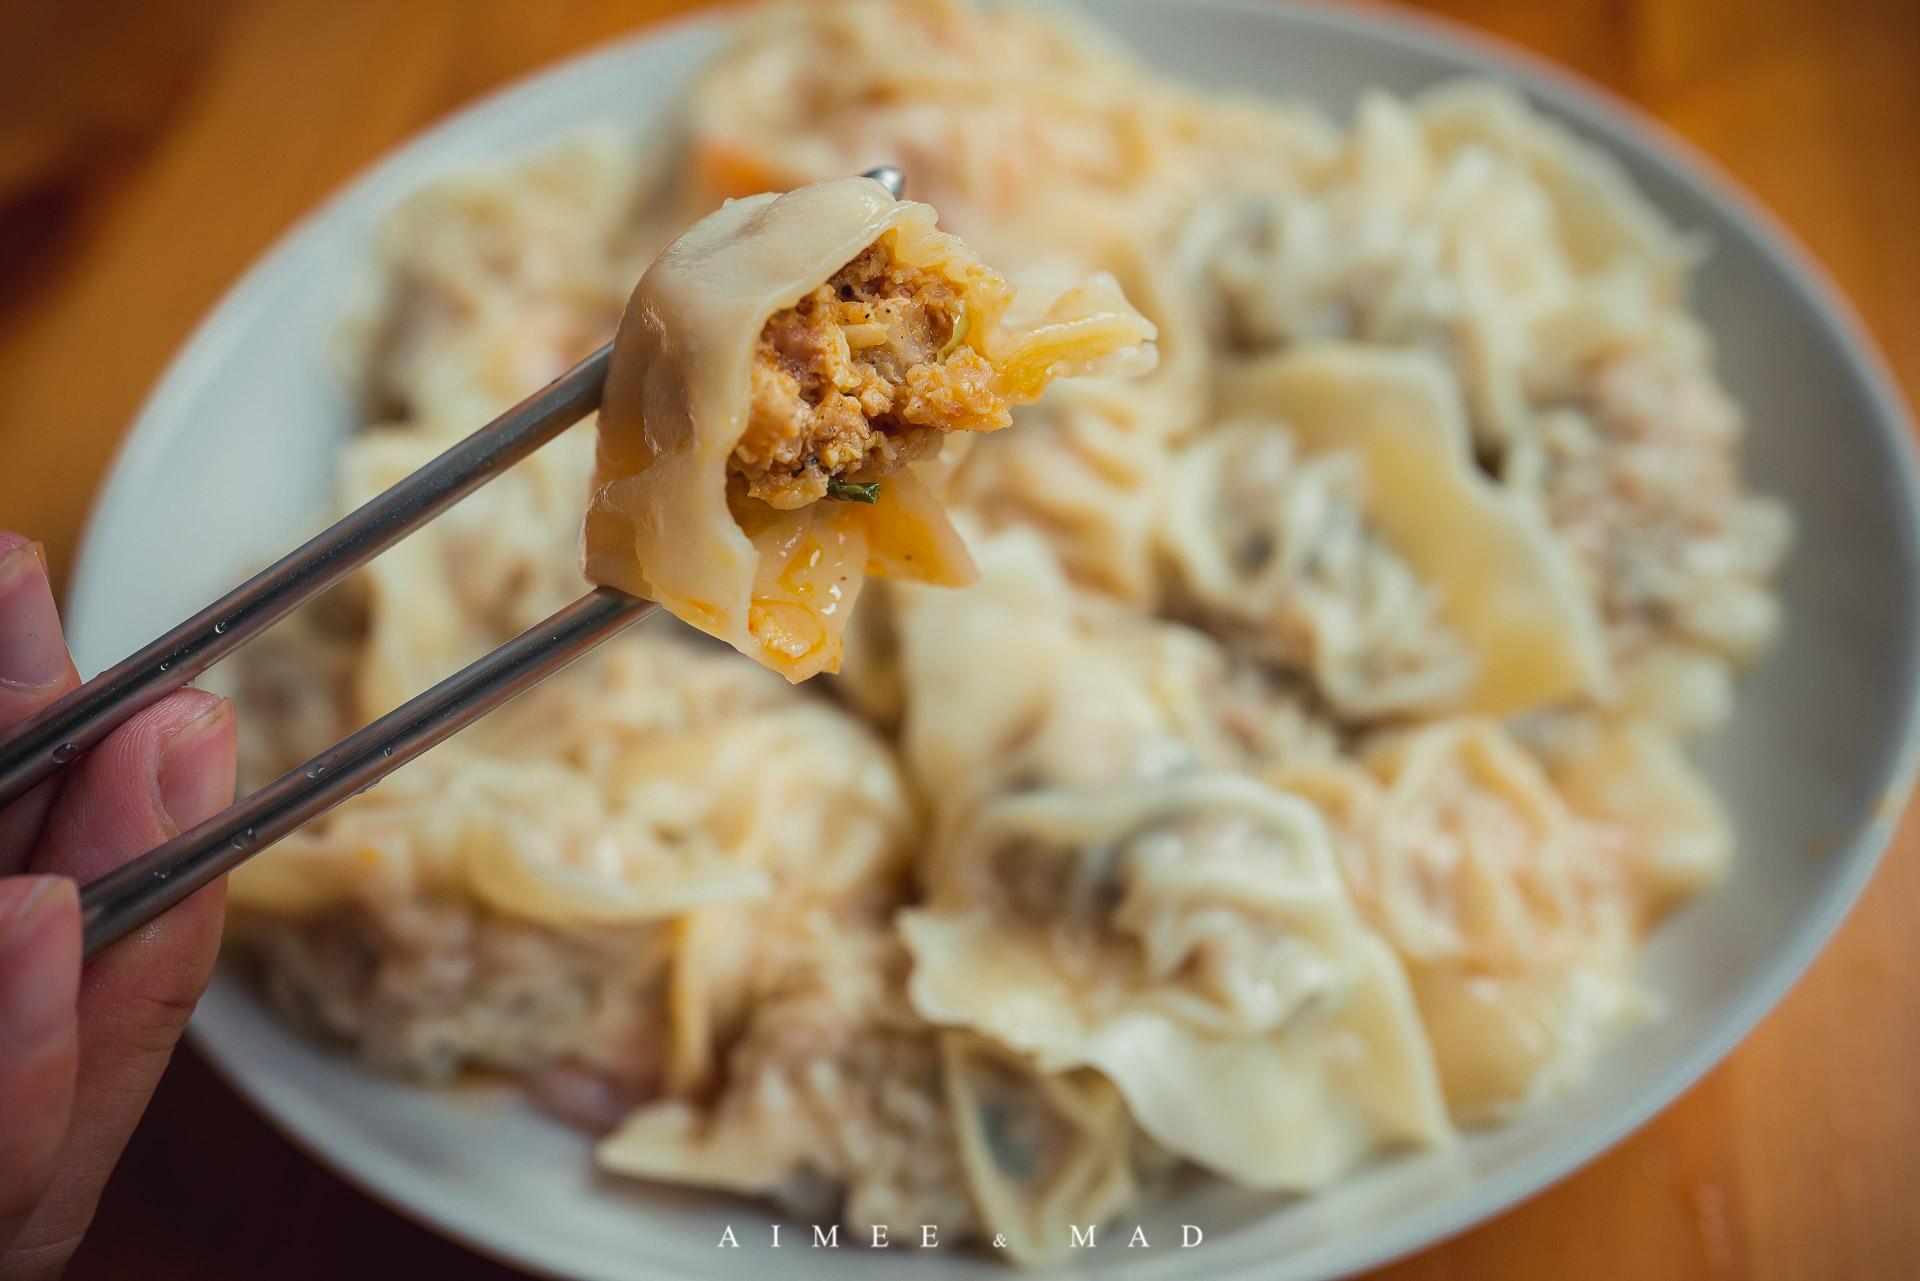 【包餃子】三種口味的餃子,麻辣、酸菜和剝皮辣椒,哪一個比較好吃?